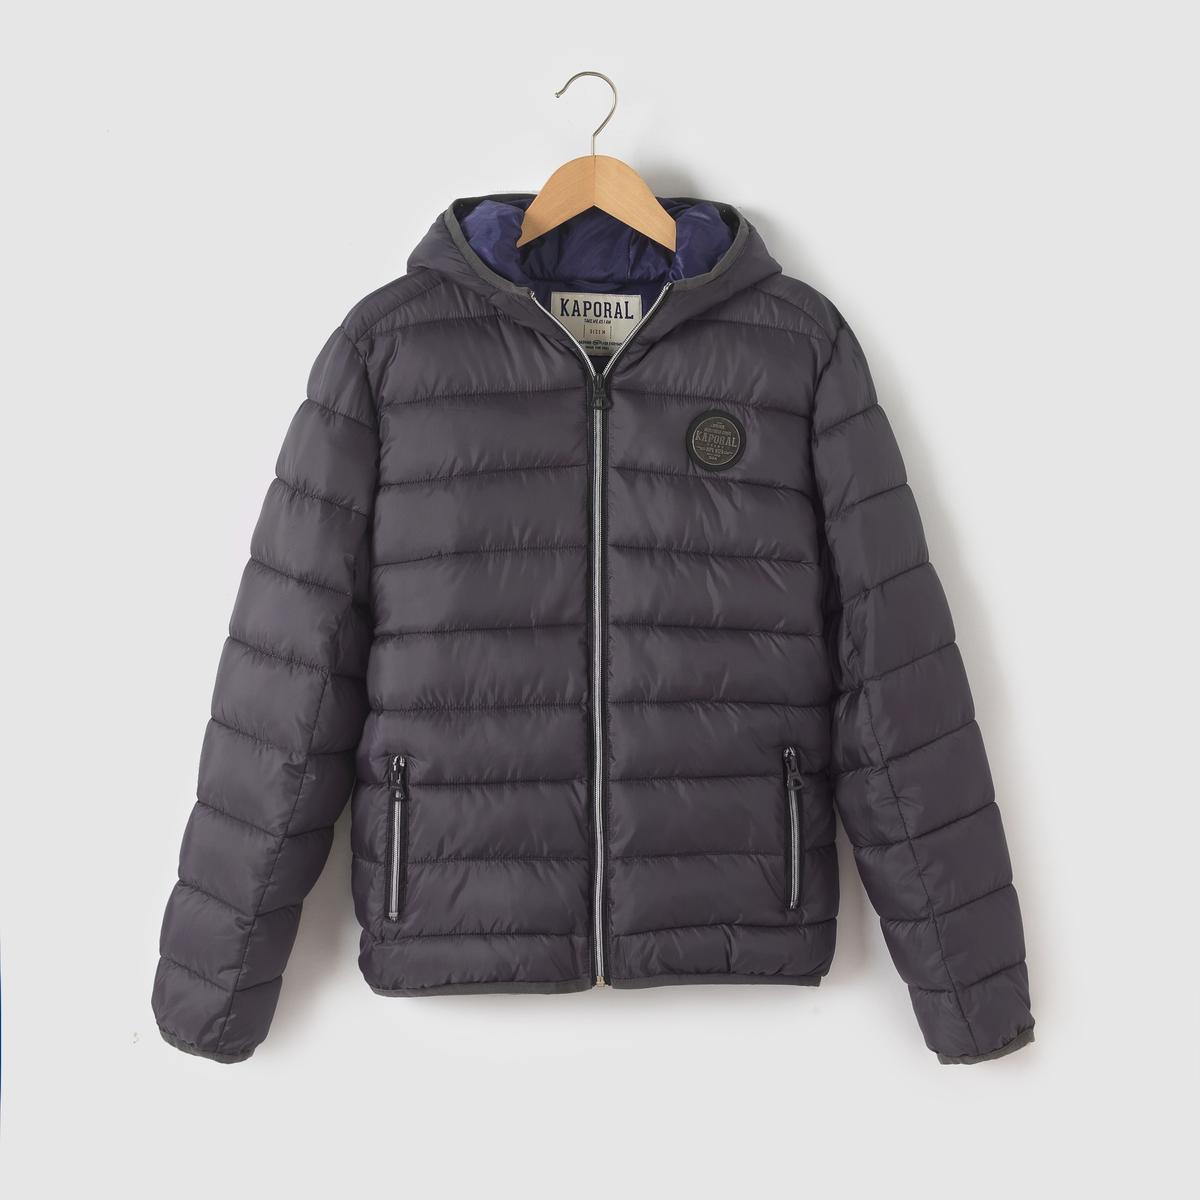 Куртка стеганая, 10-16 летСтеганая куртка с капюшоном KAPORAL. Стеганая куртка с капюшоном . Застежка на молнию. 2 кармана с застежкой на молнию. Эмблема на груди. Состав и описание     Материал     100% полиэстера     Марка  KAPORAL      Уход     Стирка, сушка и глажка с изнаночной стороны     Машинная стирка при 30 °C с вещами схожих цветов     Машинная сушка запрещена Не гладить<br><br>Цвет: антрацит,синий